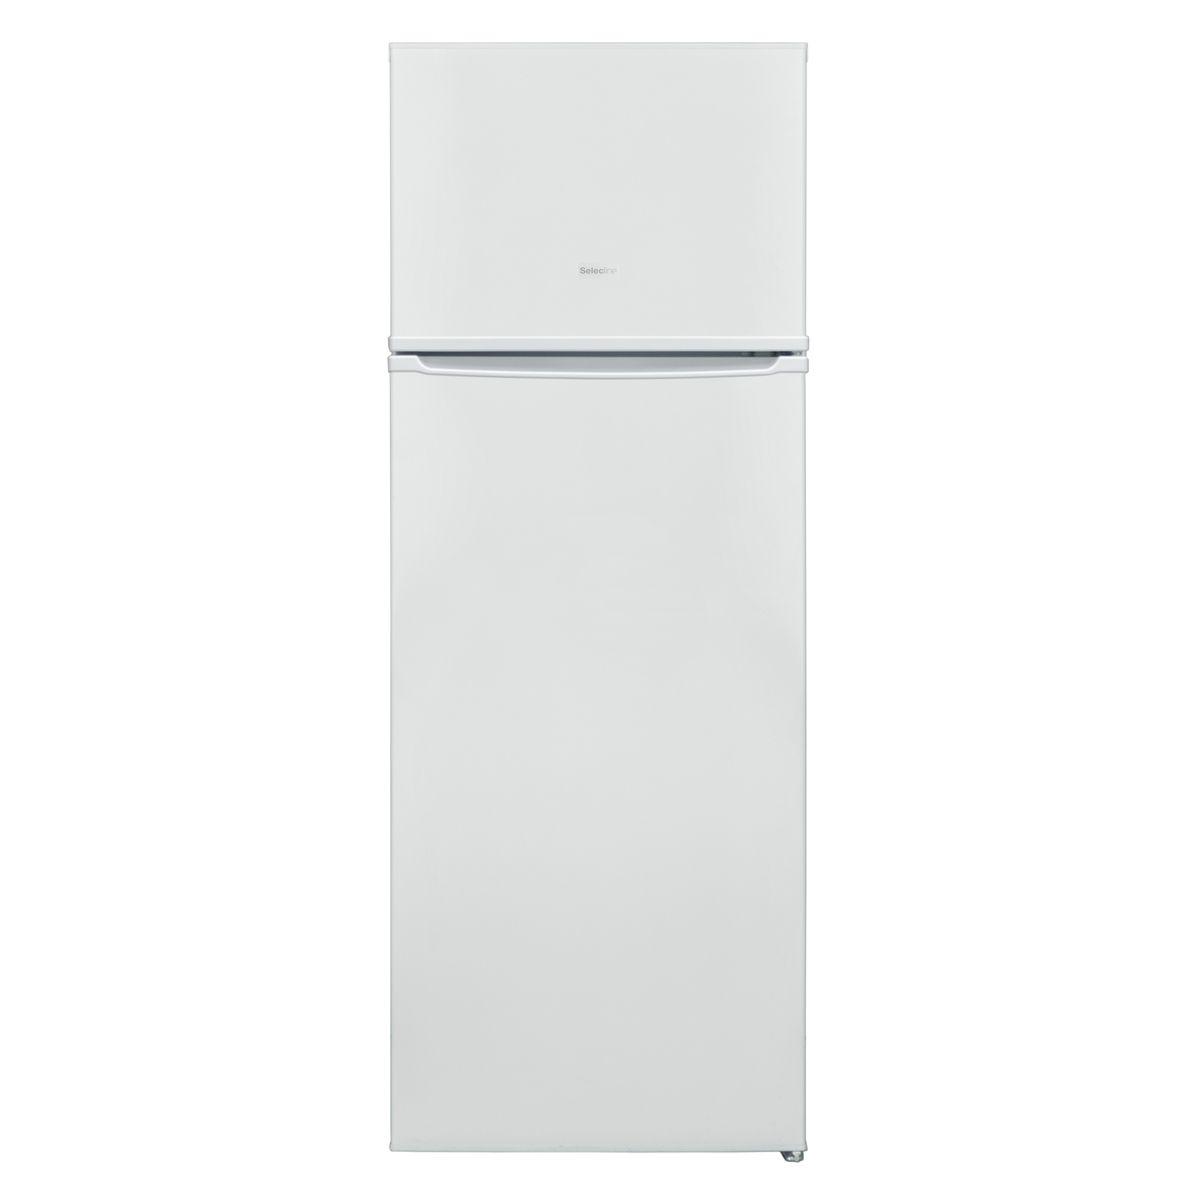 Réfrigérateur 2 portes 154596, 213 L, Froid statique